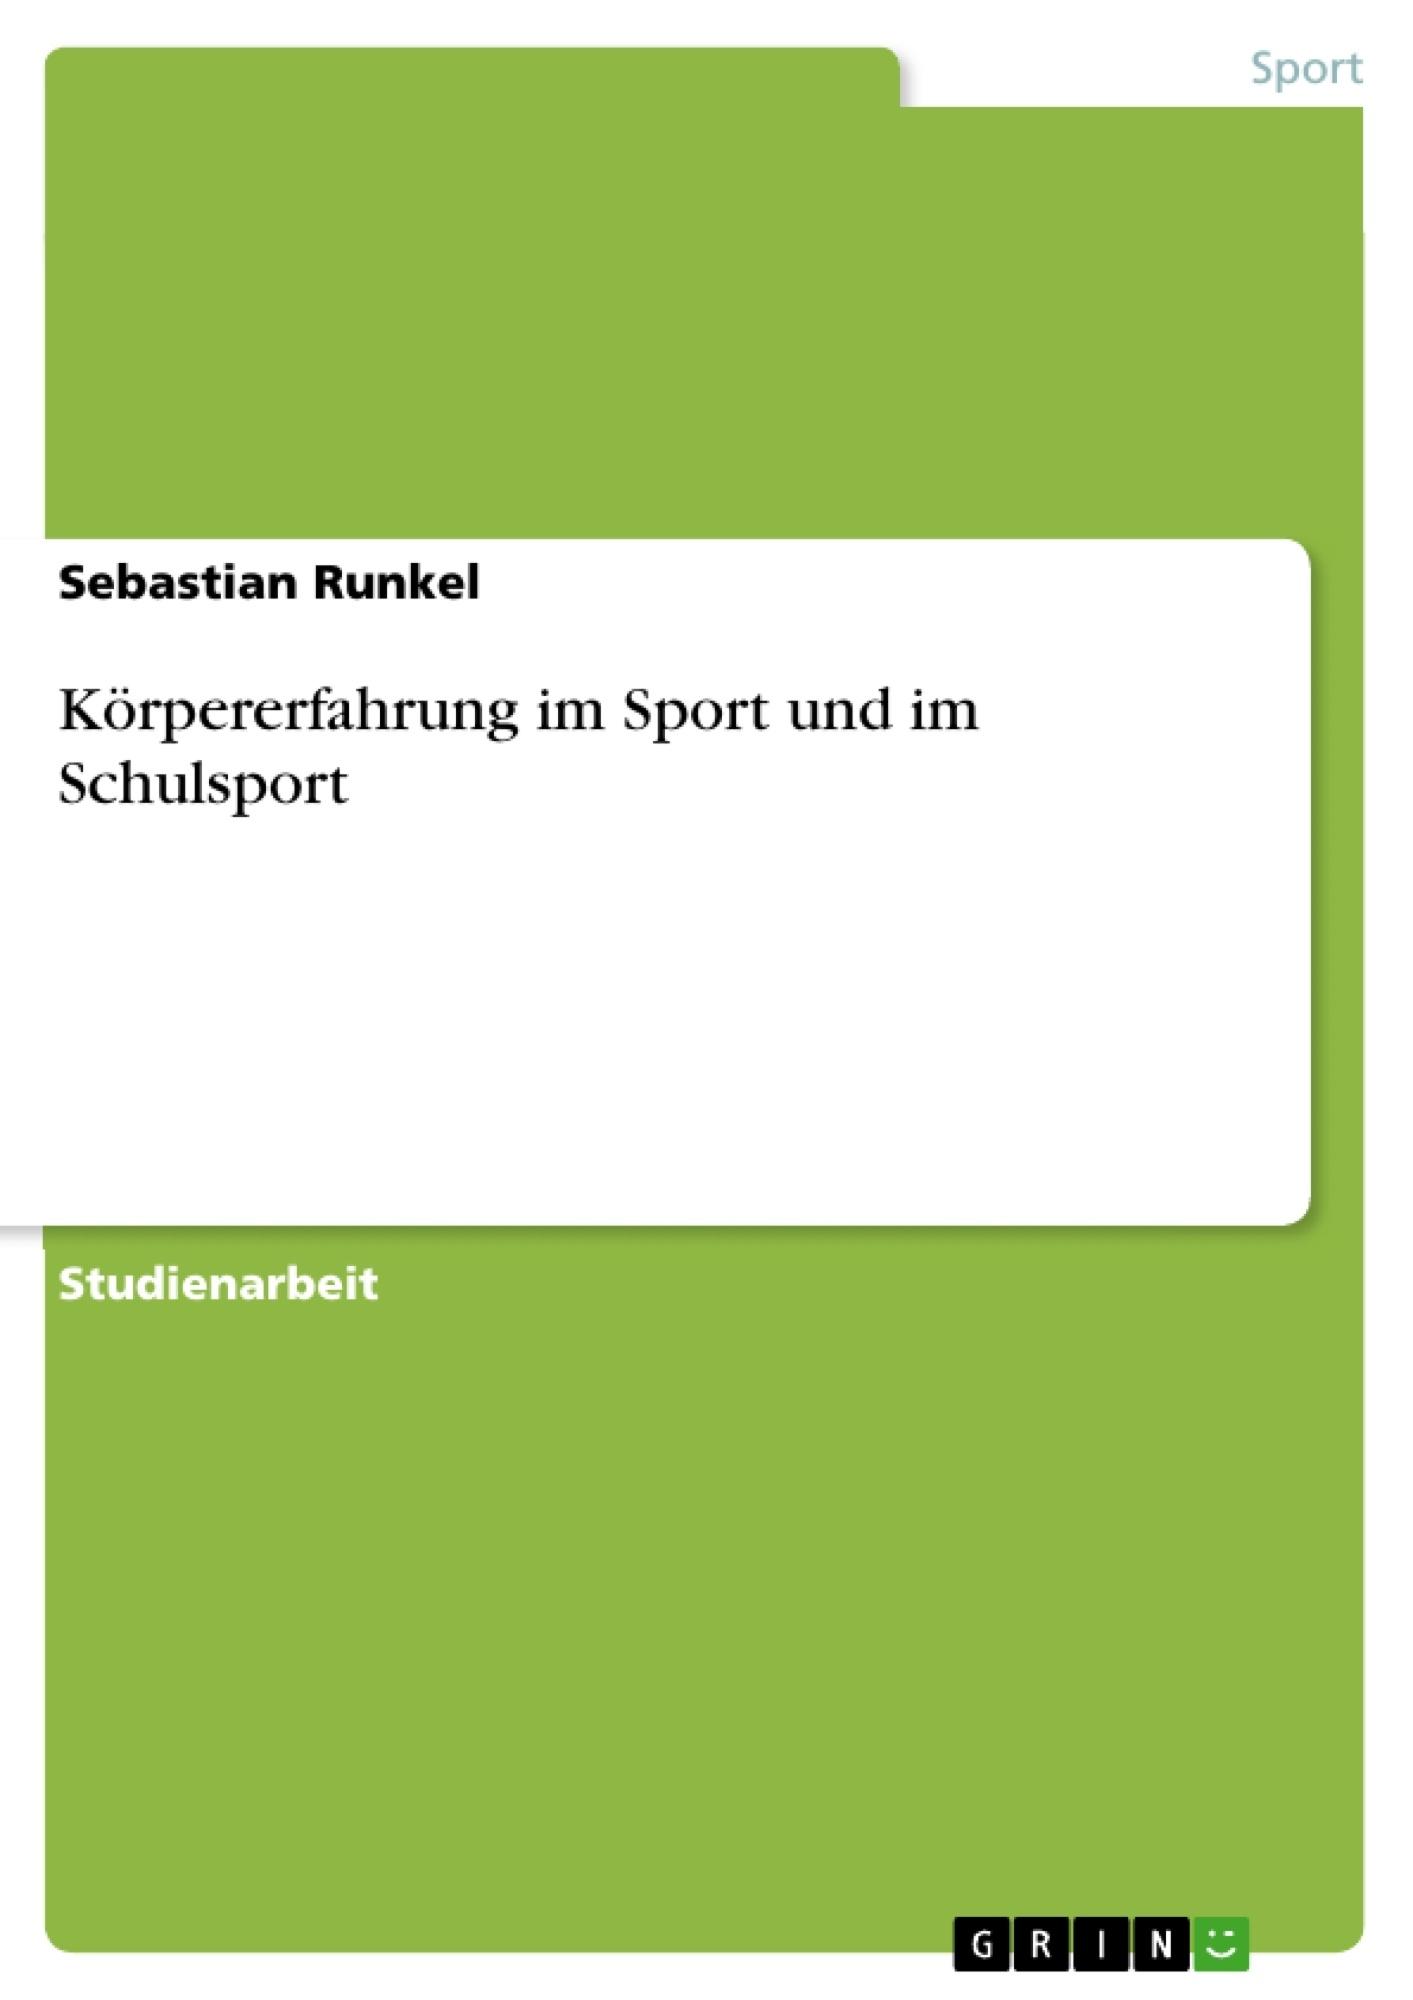 Titel: Körpererfahrung im Sport und im Schulsport